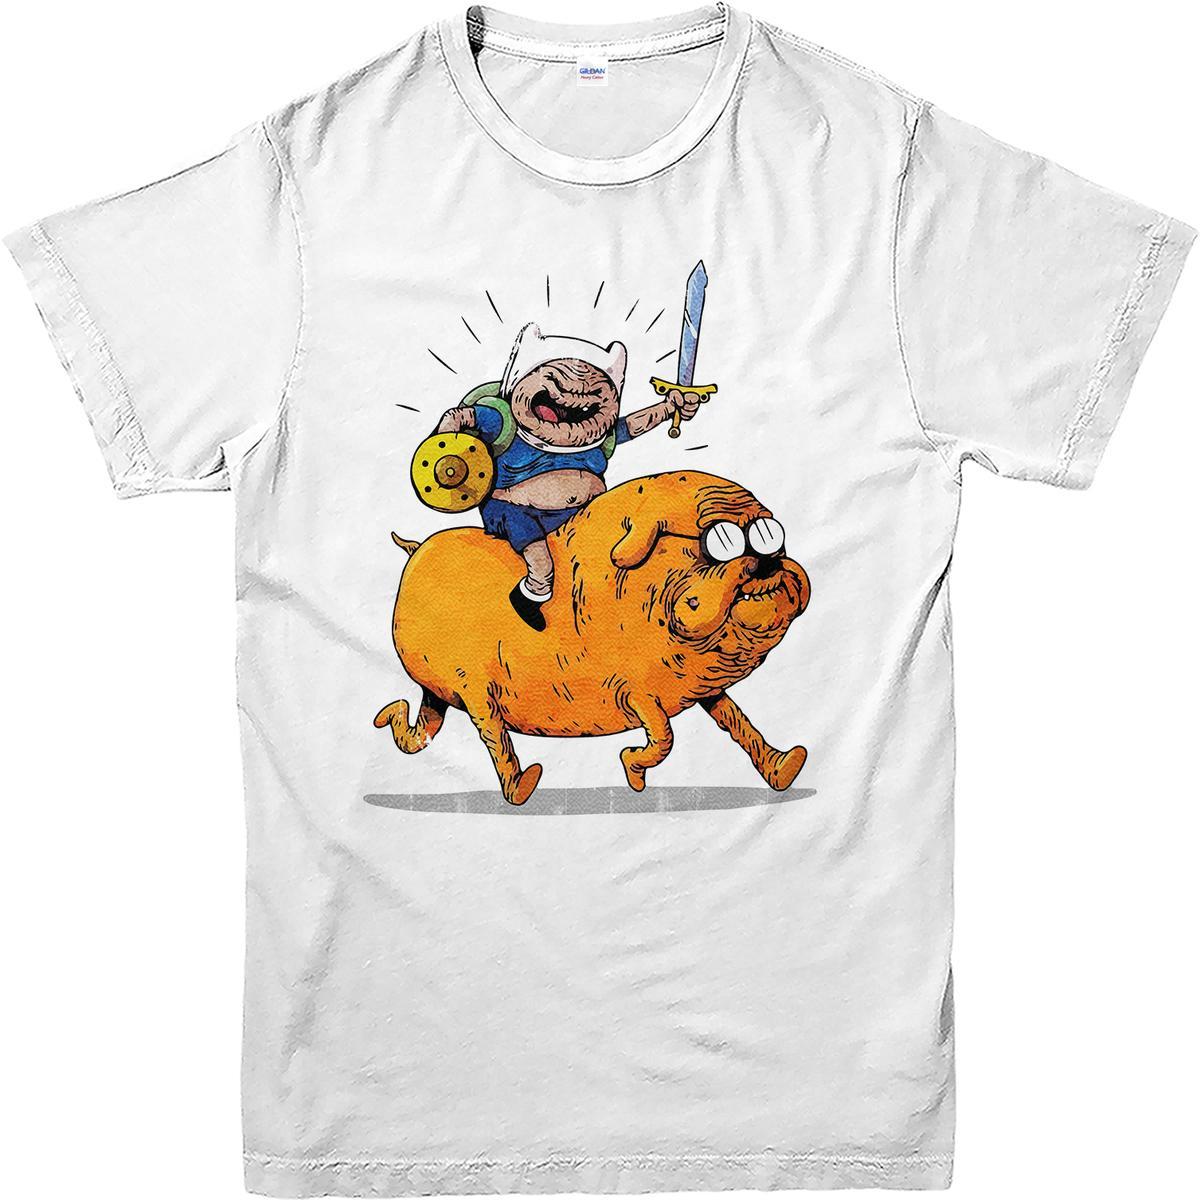 Grosshandel Adventure Time T Shirt Freizeitkleidung Lustiges Fan Top